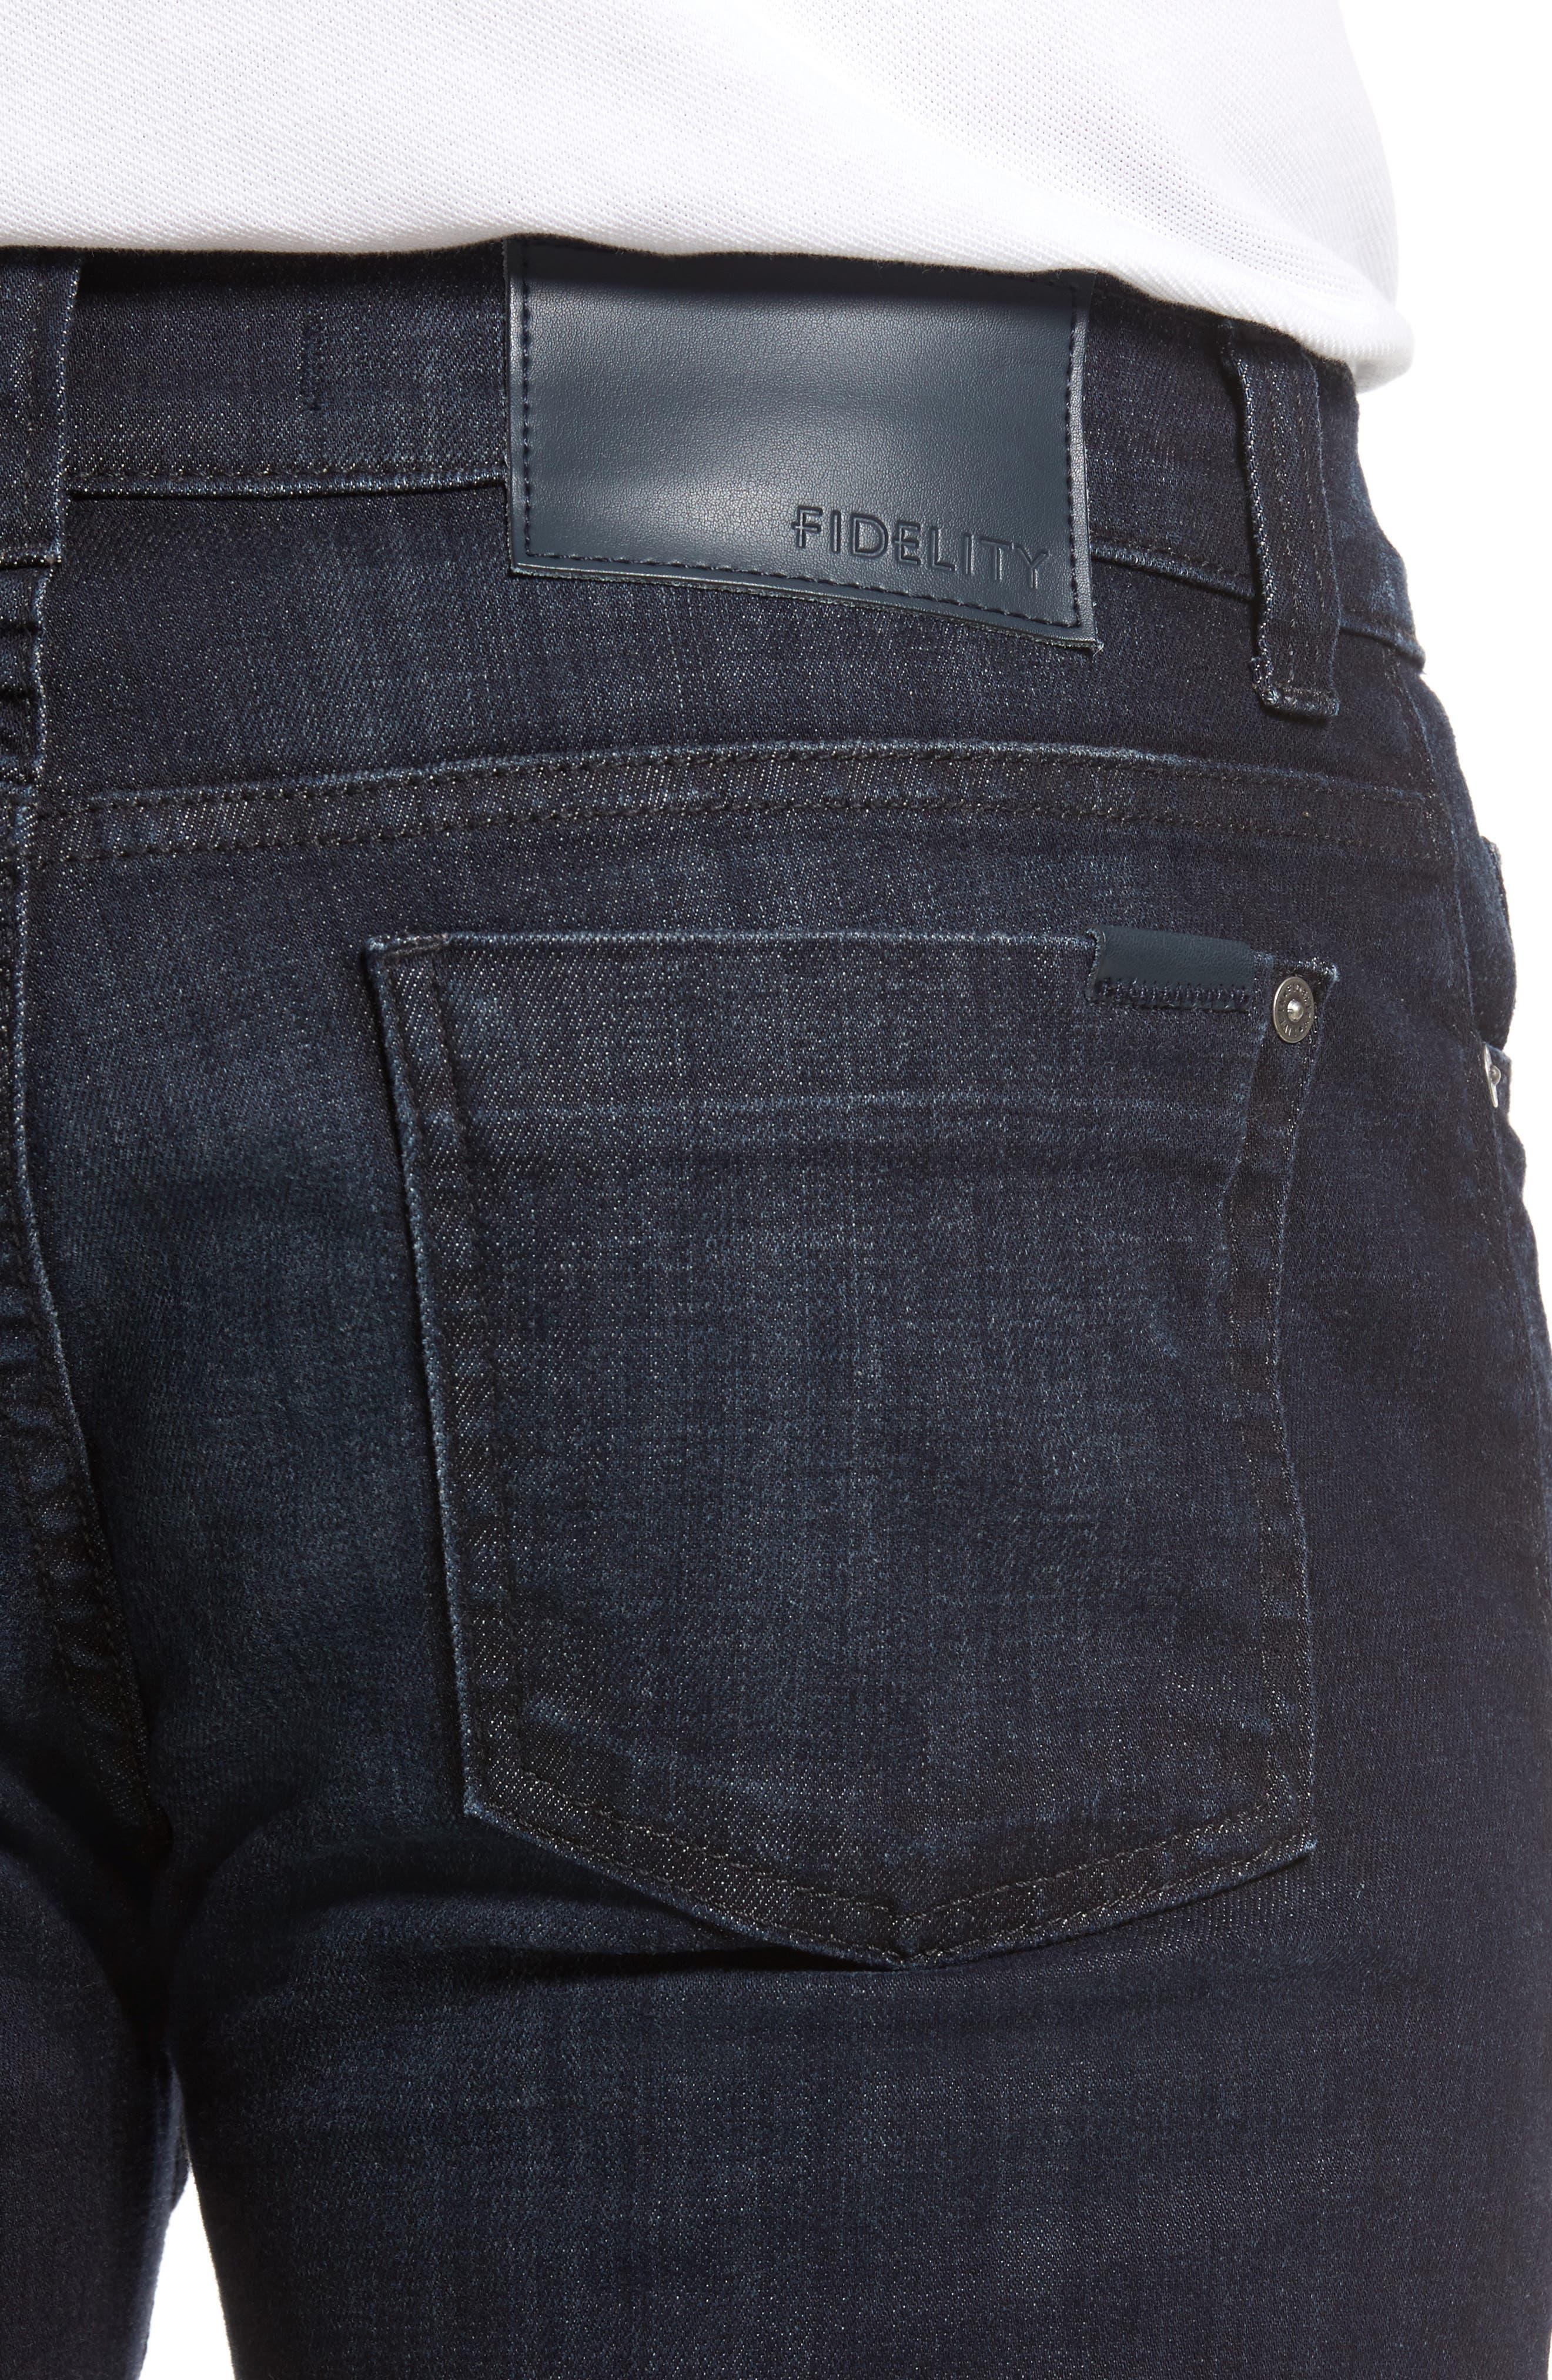 Alternate Image 4  - Fidelity Denim 5011 Relaxed Fit Jeans (Harvard)